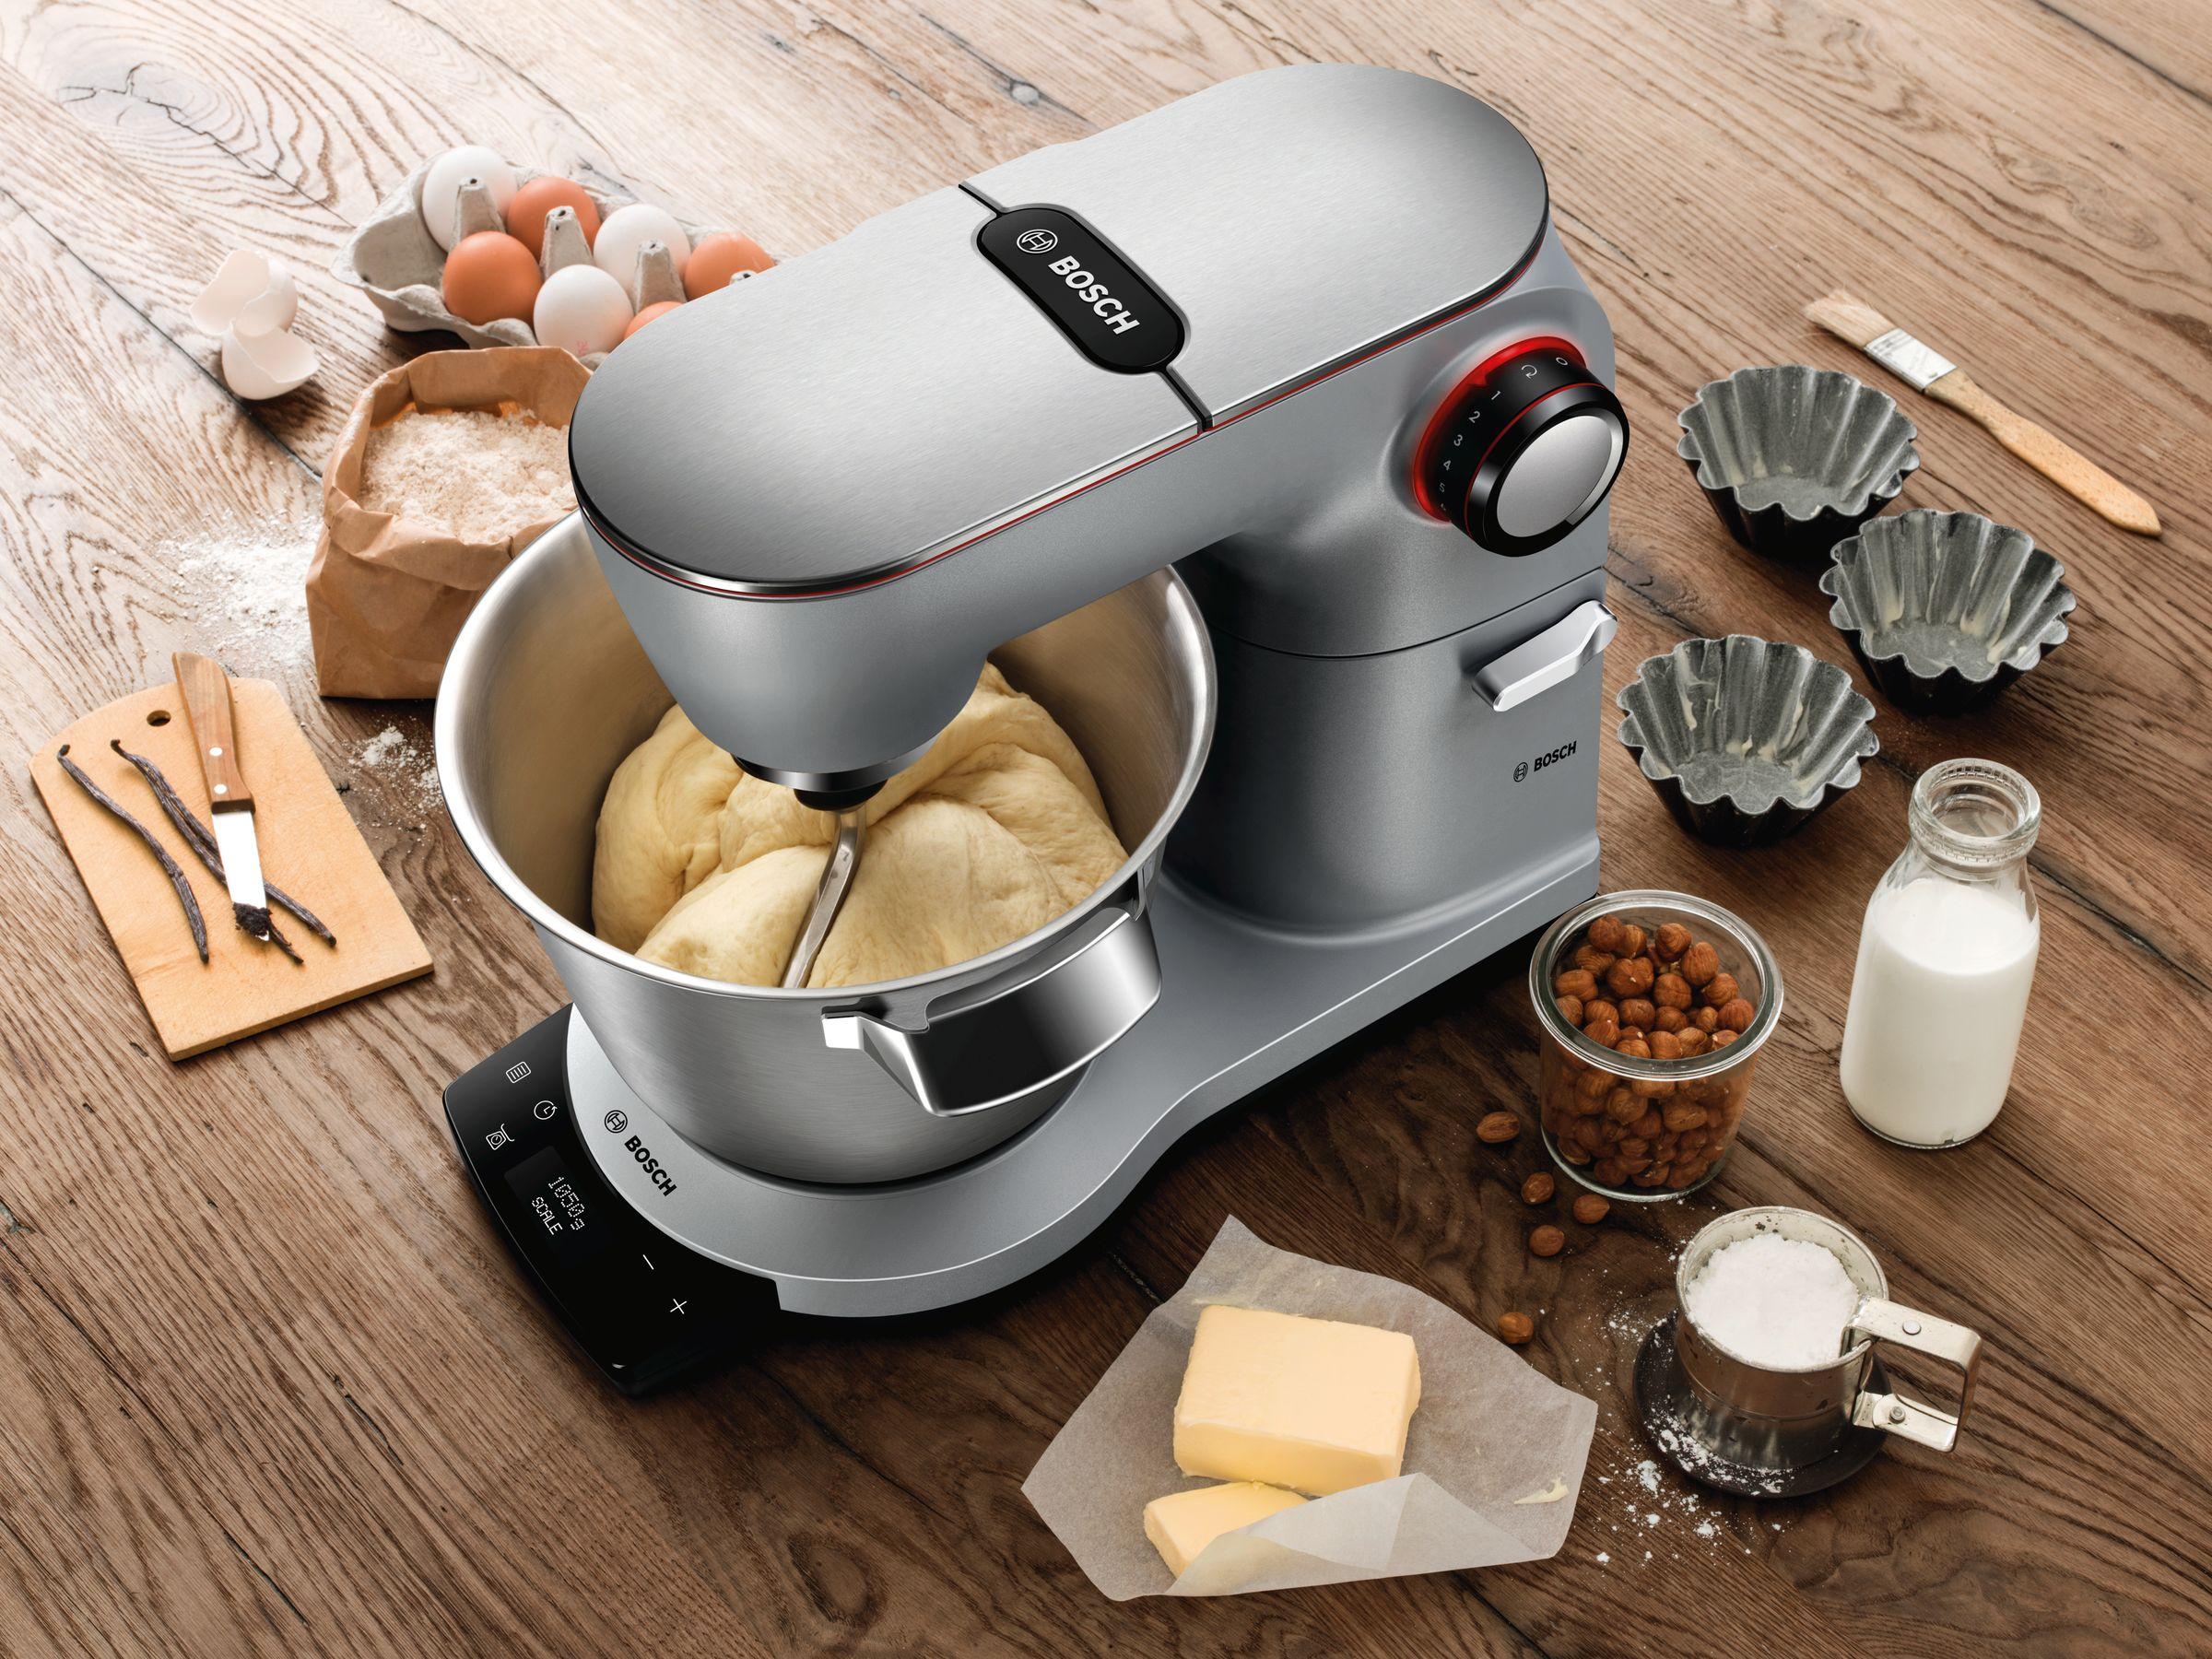 Automatische Mixer Keuken : Optimum keukenrobot van bosch alleskunner in de keuken